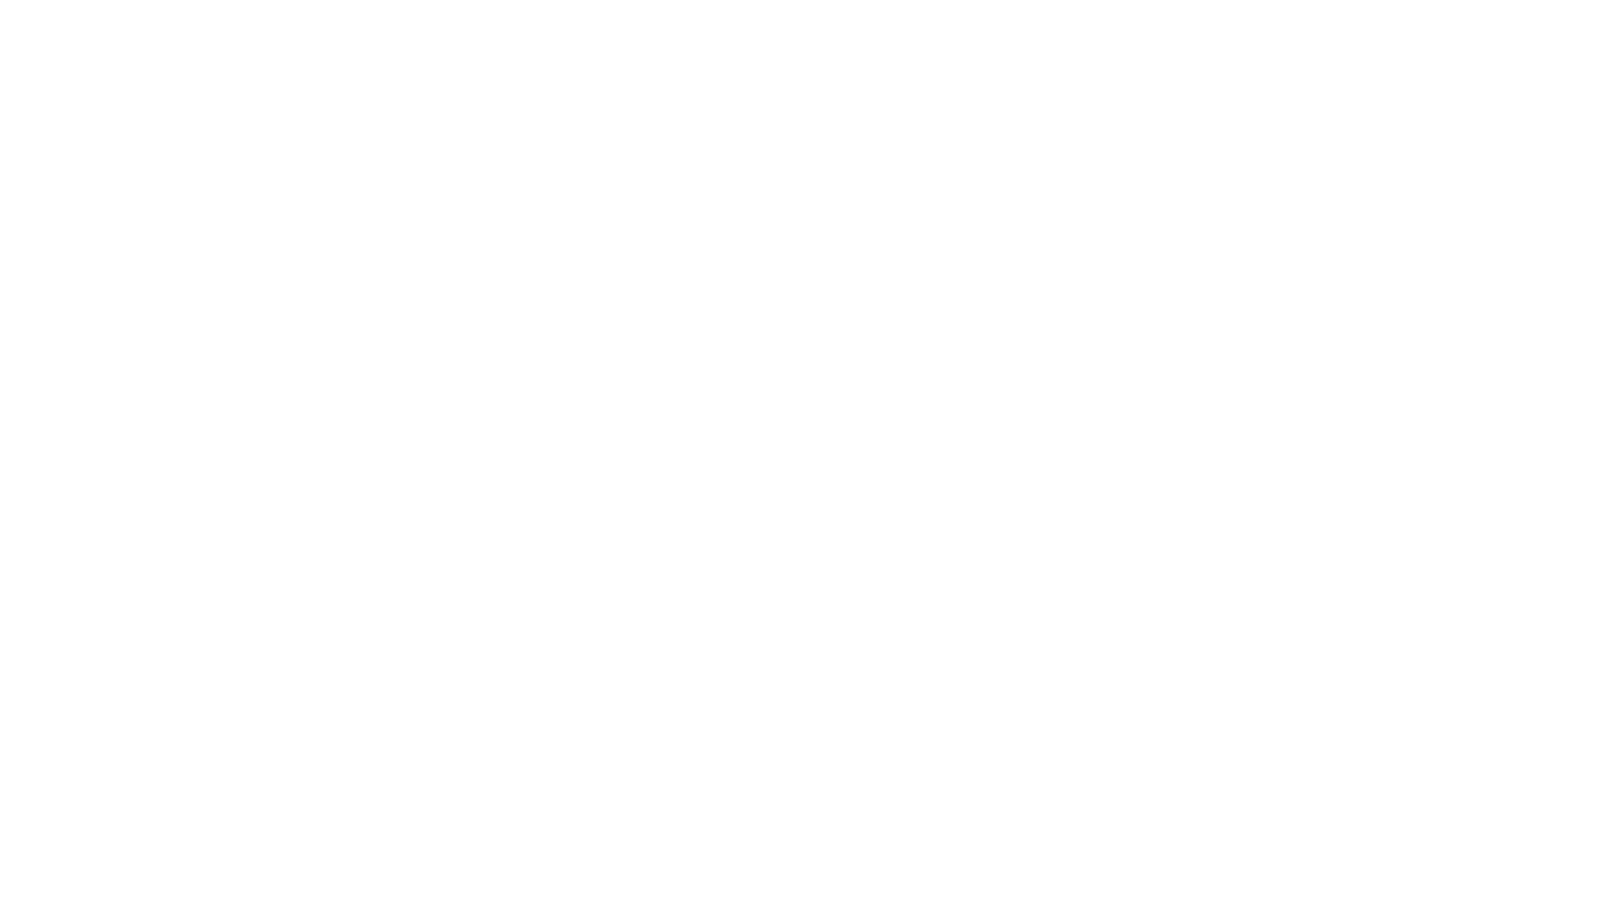 """Diesmal geht es um Worte, um leise und laute, um wichtige und dahingesagte, um Worte, die Frieden stiften und andere aufrichten und Worte, die verletzen und zerstören. Vor allem um Gottes Wort, das wie Licht in der Nacht ist.  Lieder: """"Gib mir die richtigen Worte"""" - Text und Musik: Manfred Siebald """"Gottes Wort ist wie Licht in der Nacht"""" - Text: Hans-Hermann Bittger / Kanon: Joseph Jacobsen"""